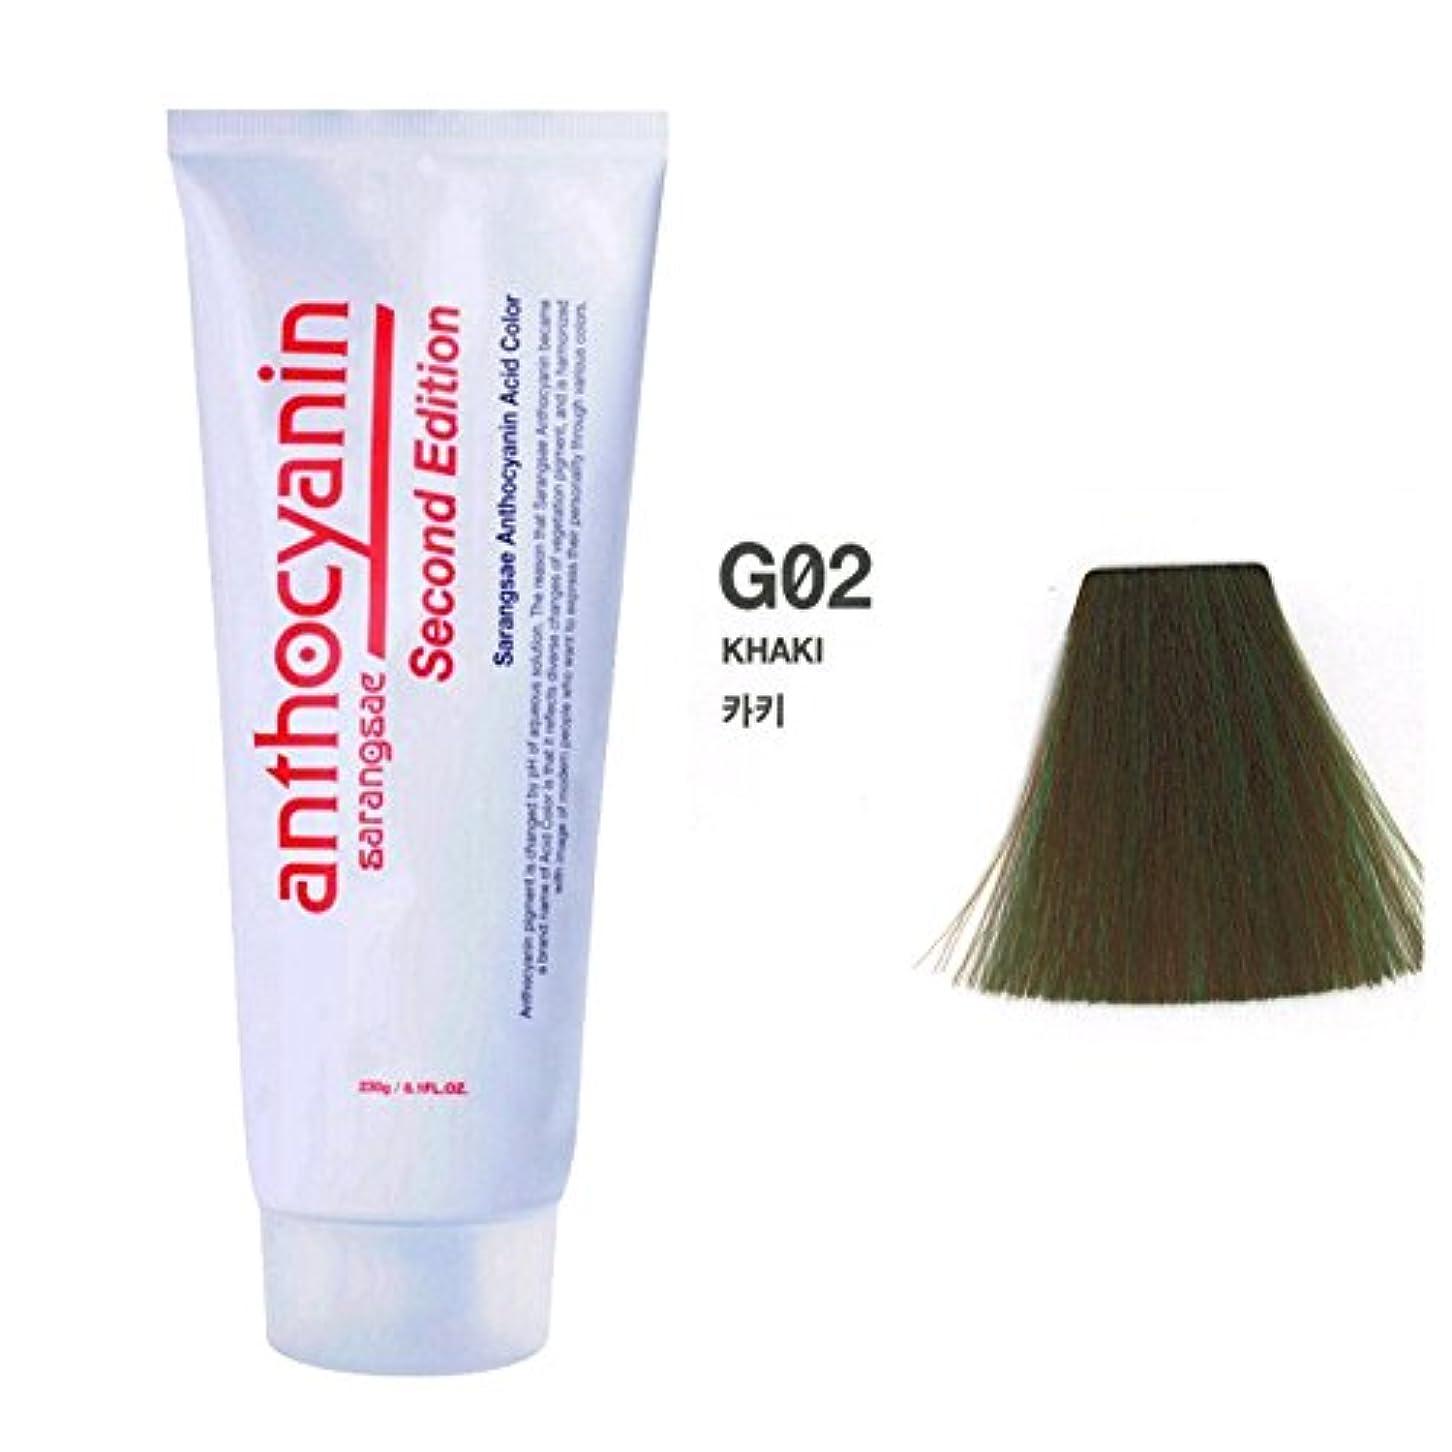 元のくつろぐ騙すヘア マニキュア カラー セカンド エディション 230g セミ パーマネント 染毛剤 (Hair Manicure Color Second Edition 230g Semi Permanent Hair Dye) [並行輸入品] (G02 Khaki)